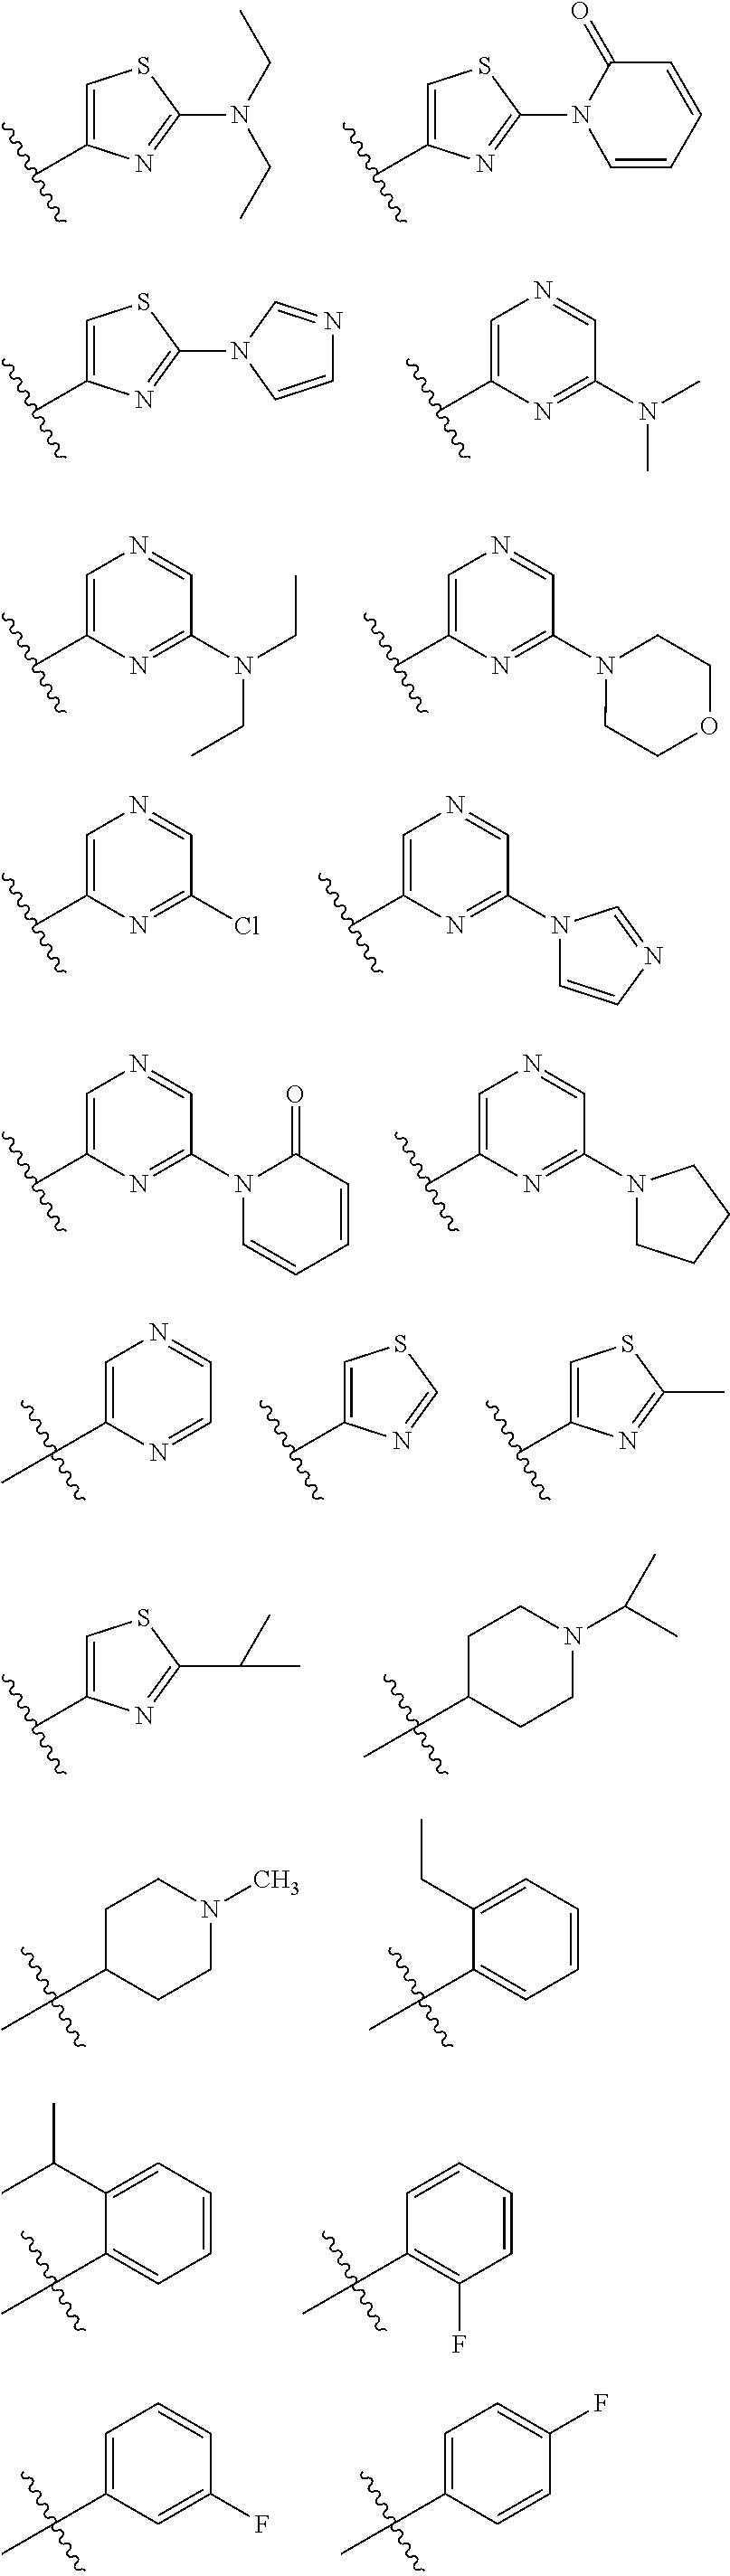 Figure US09056877-20150616-C00035